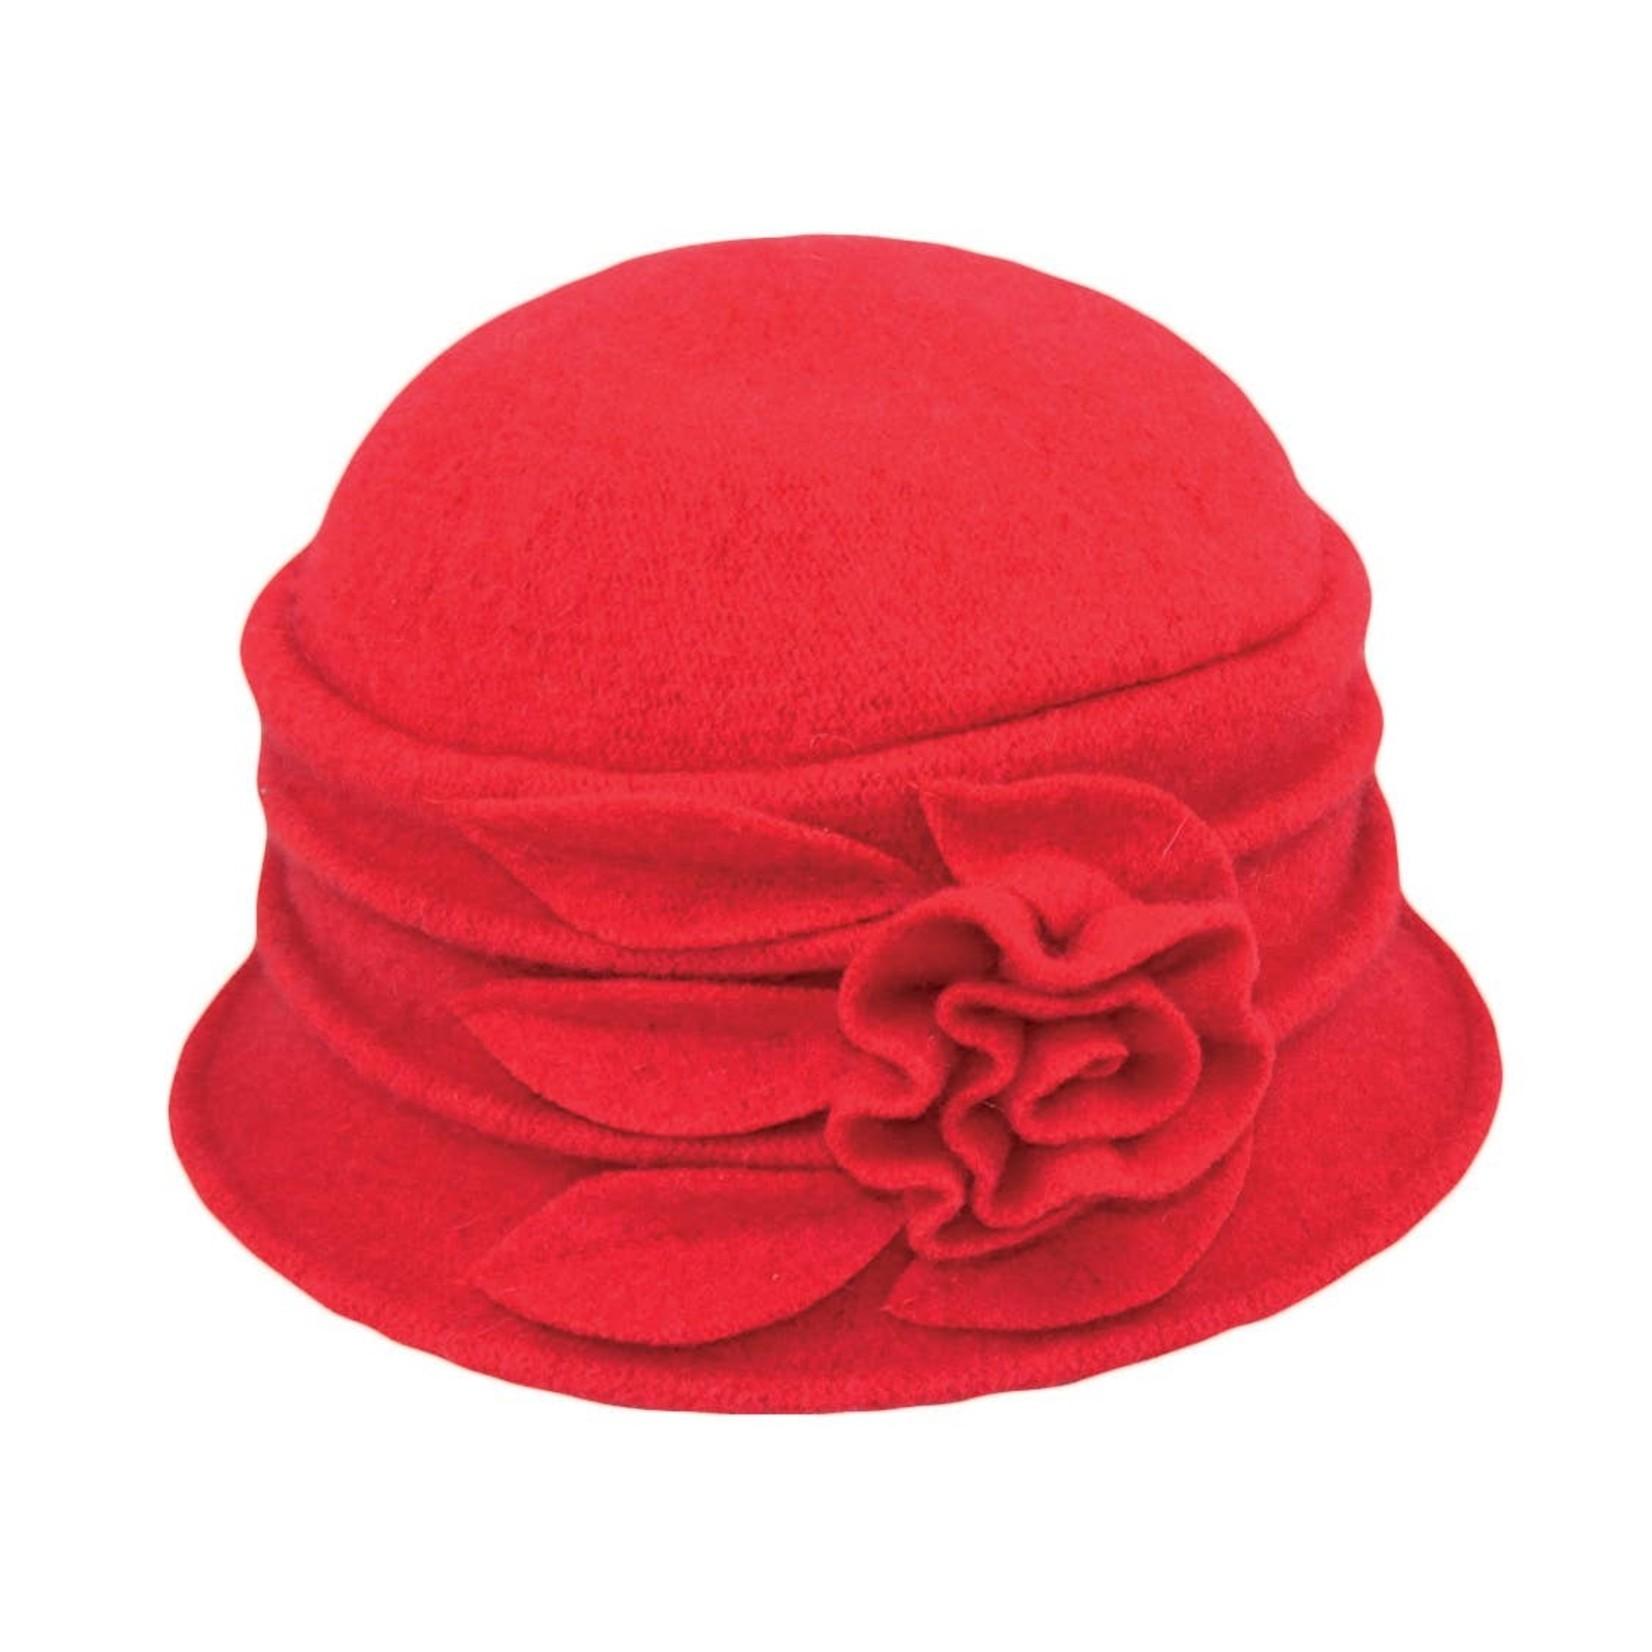 Jeanne Simmons Boiled Wool Bucket Hat w/ Ridges & Flower in Red